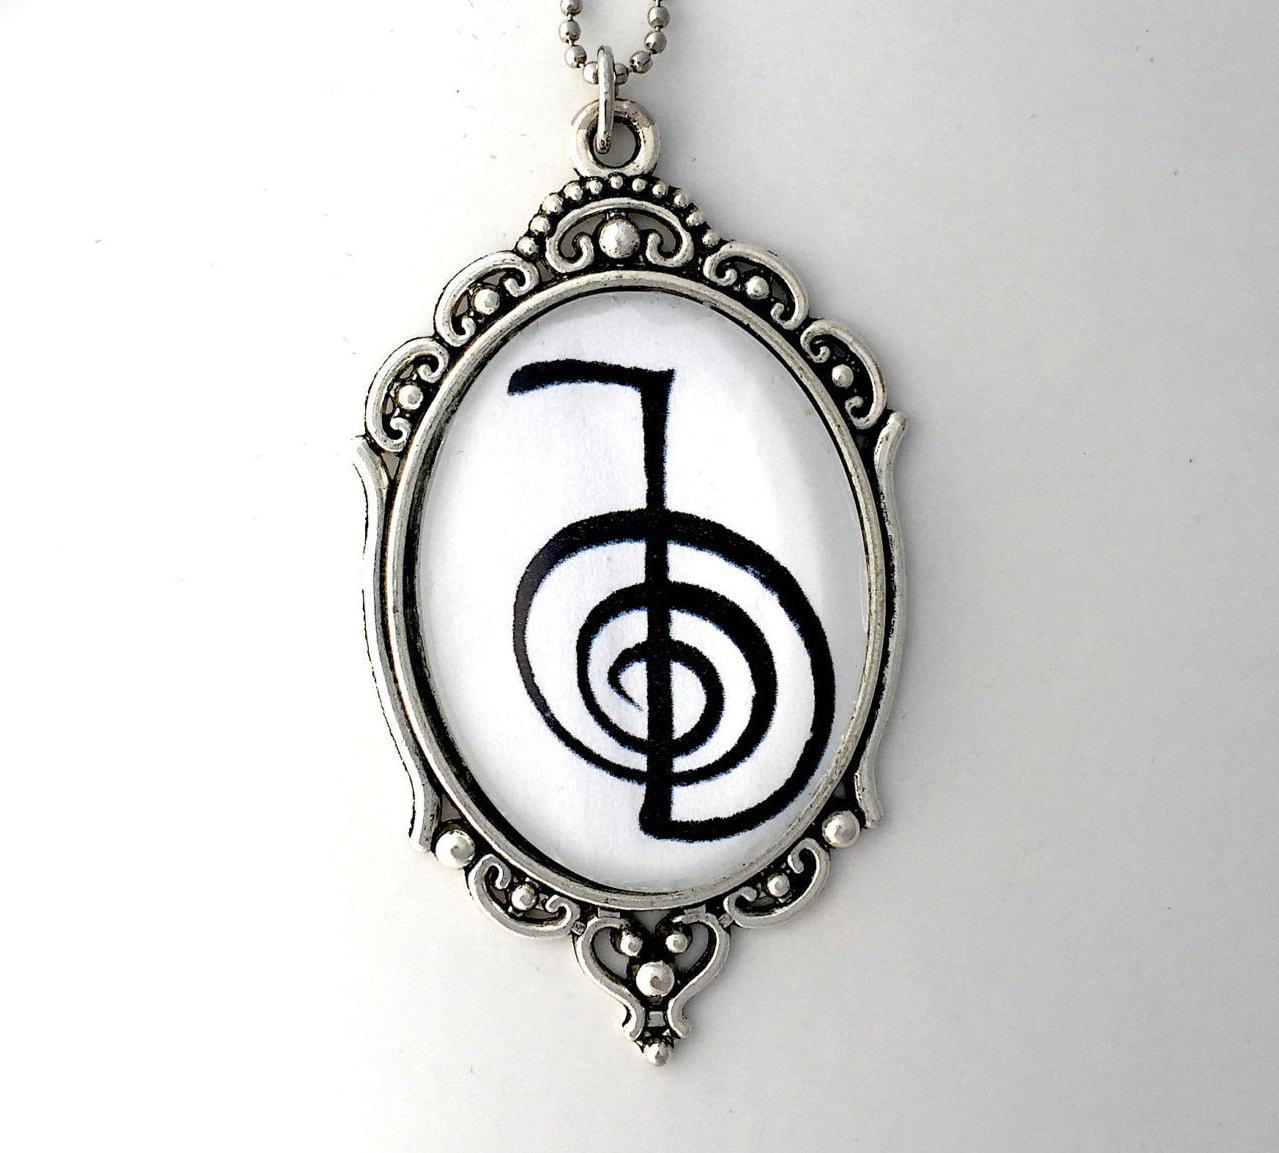 Cho ku rei reiki symbol 2 sided pendant with reiki principles zoom biocorpaavc Gallery